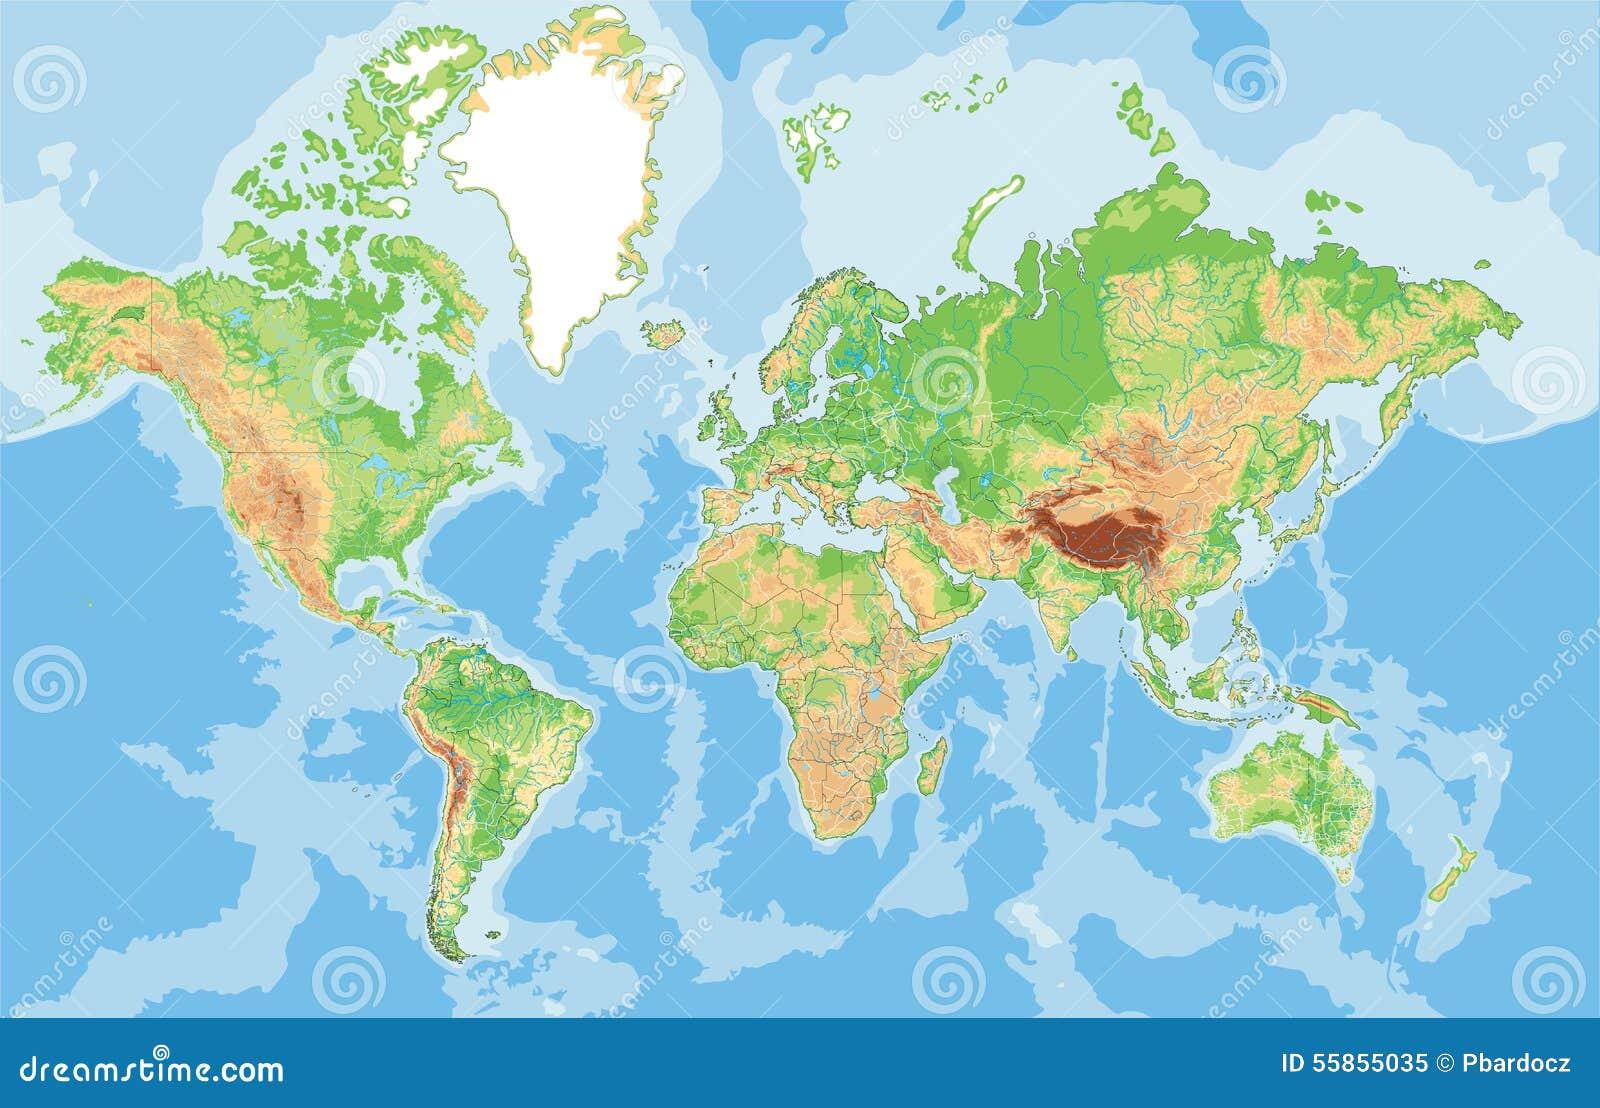 Cartina Muta Mondo Fisica.Mappa Fisica Altamente Dettagliata Del Mondo Illustrazione Vettoriale Illustrazione Di Atlante Disegno 55855035